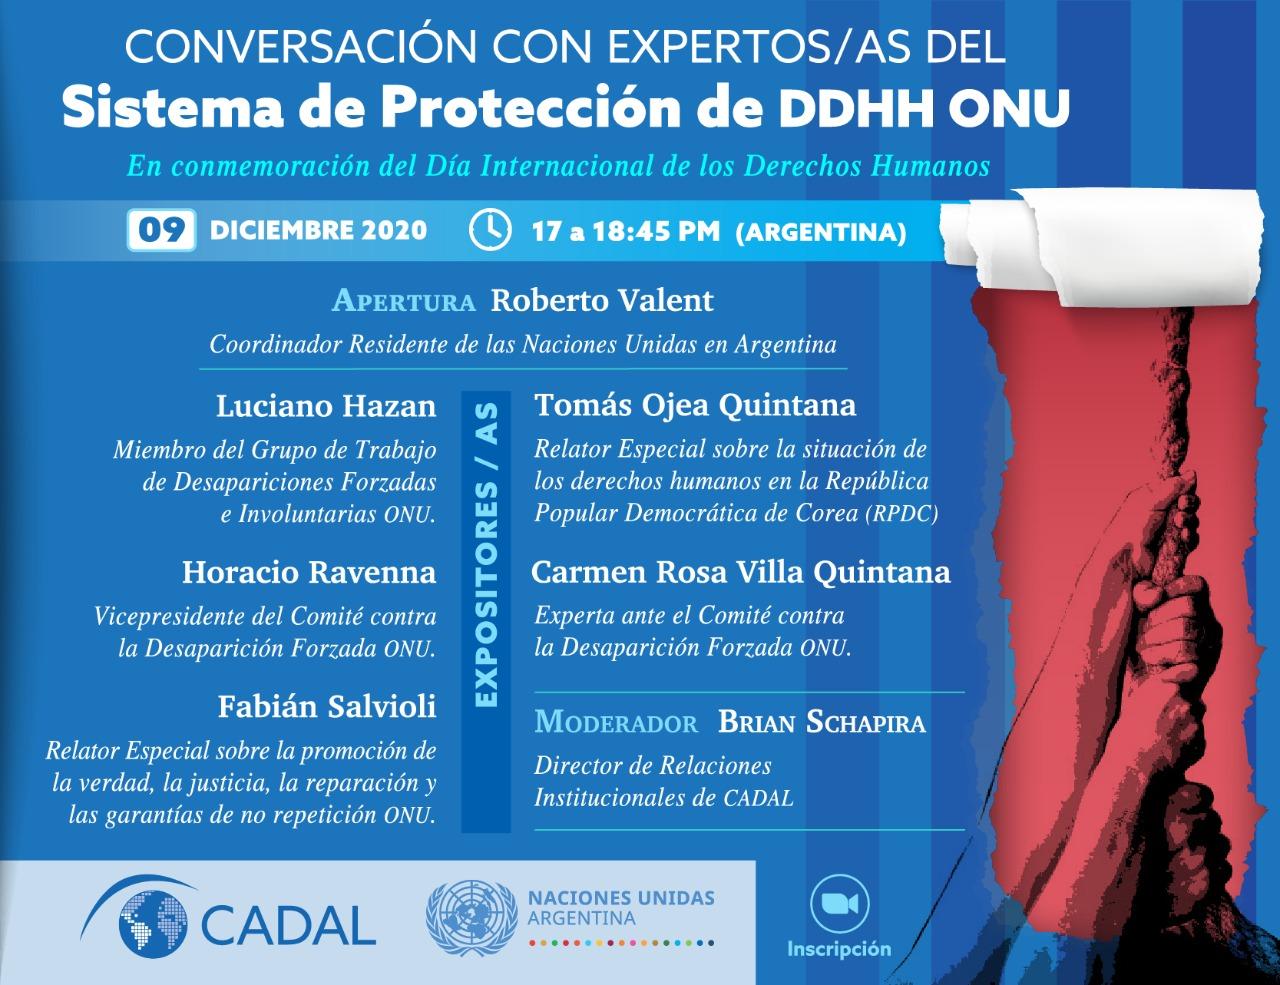 Conversación con los expertos del Sistema de Protección de Derechos Humanos de ONU